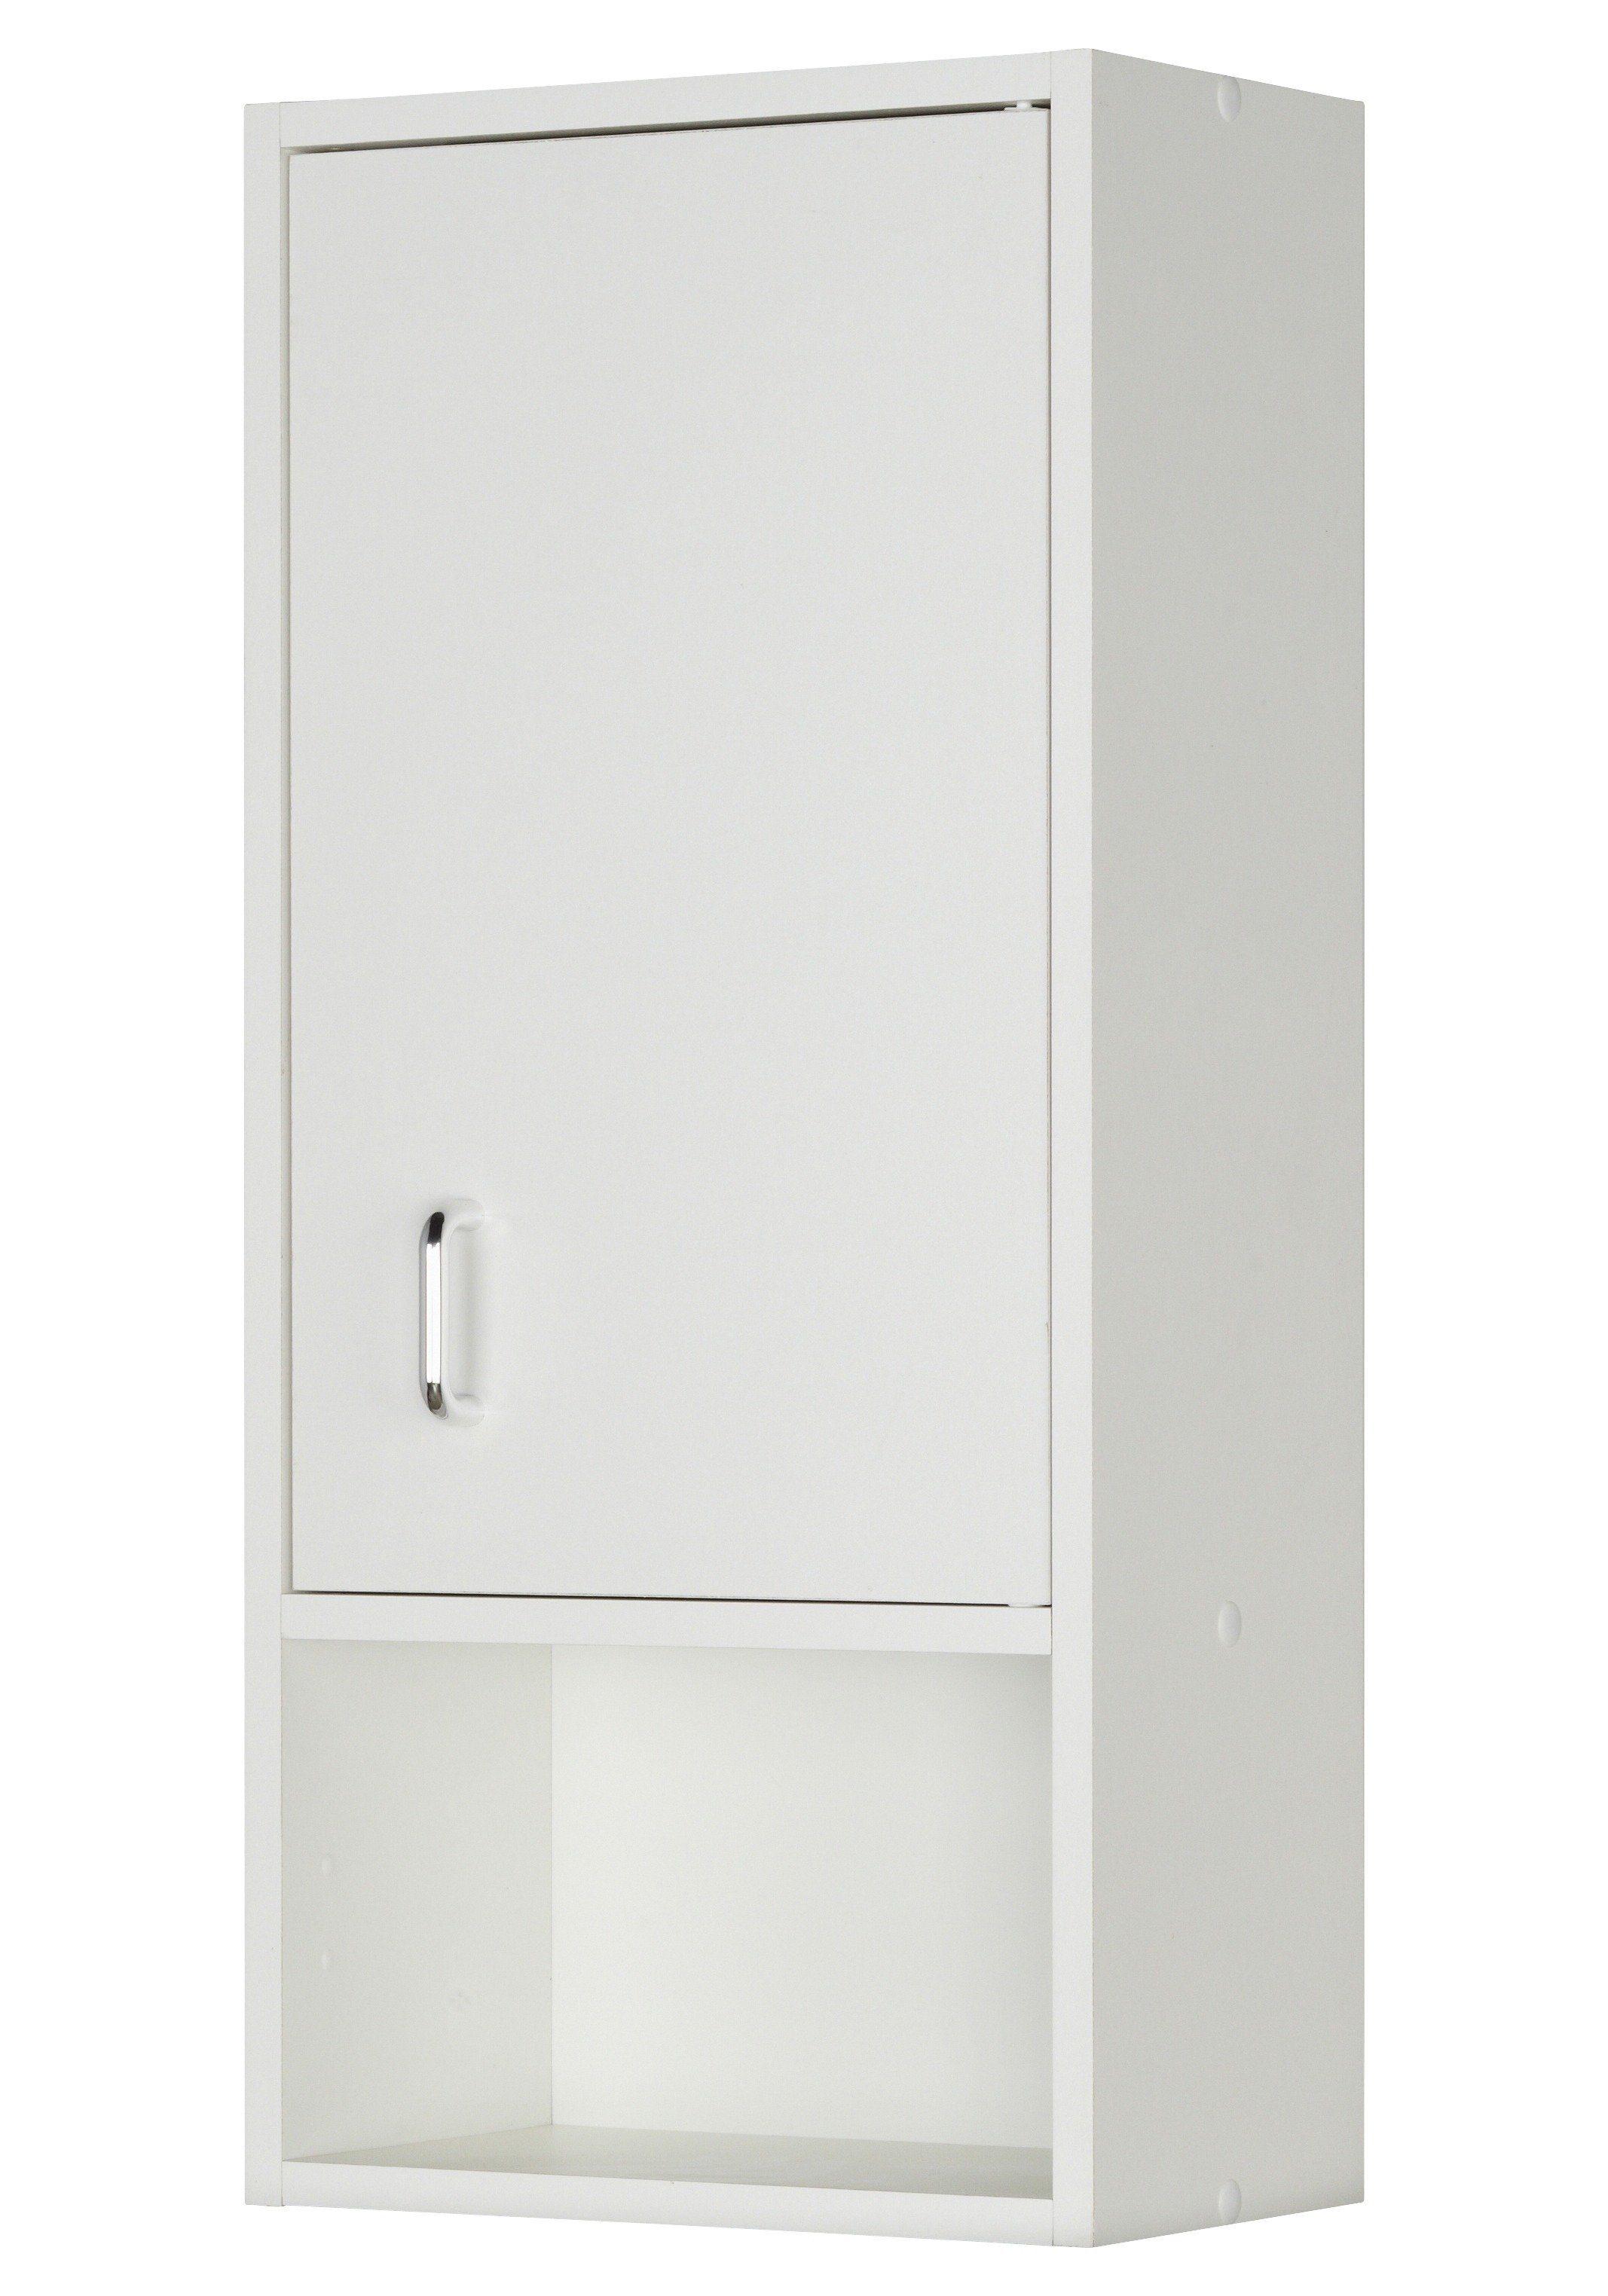 KESPER Hängeschrank »Milano«, Breite 32,5 cm